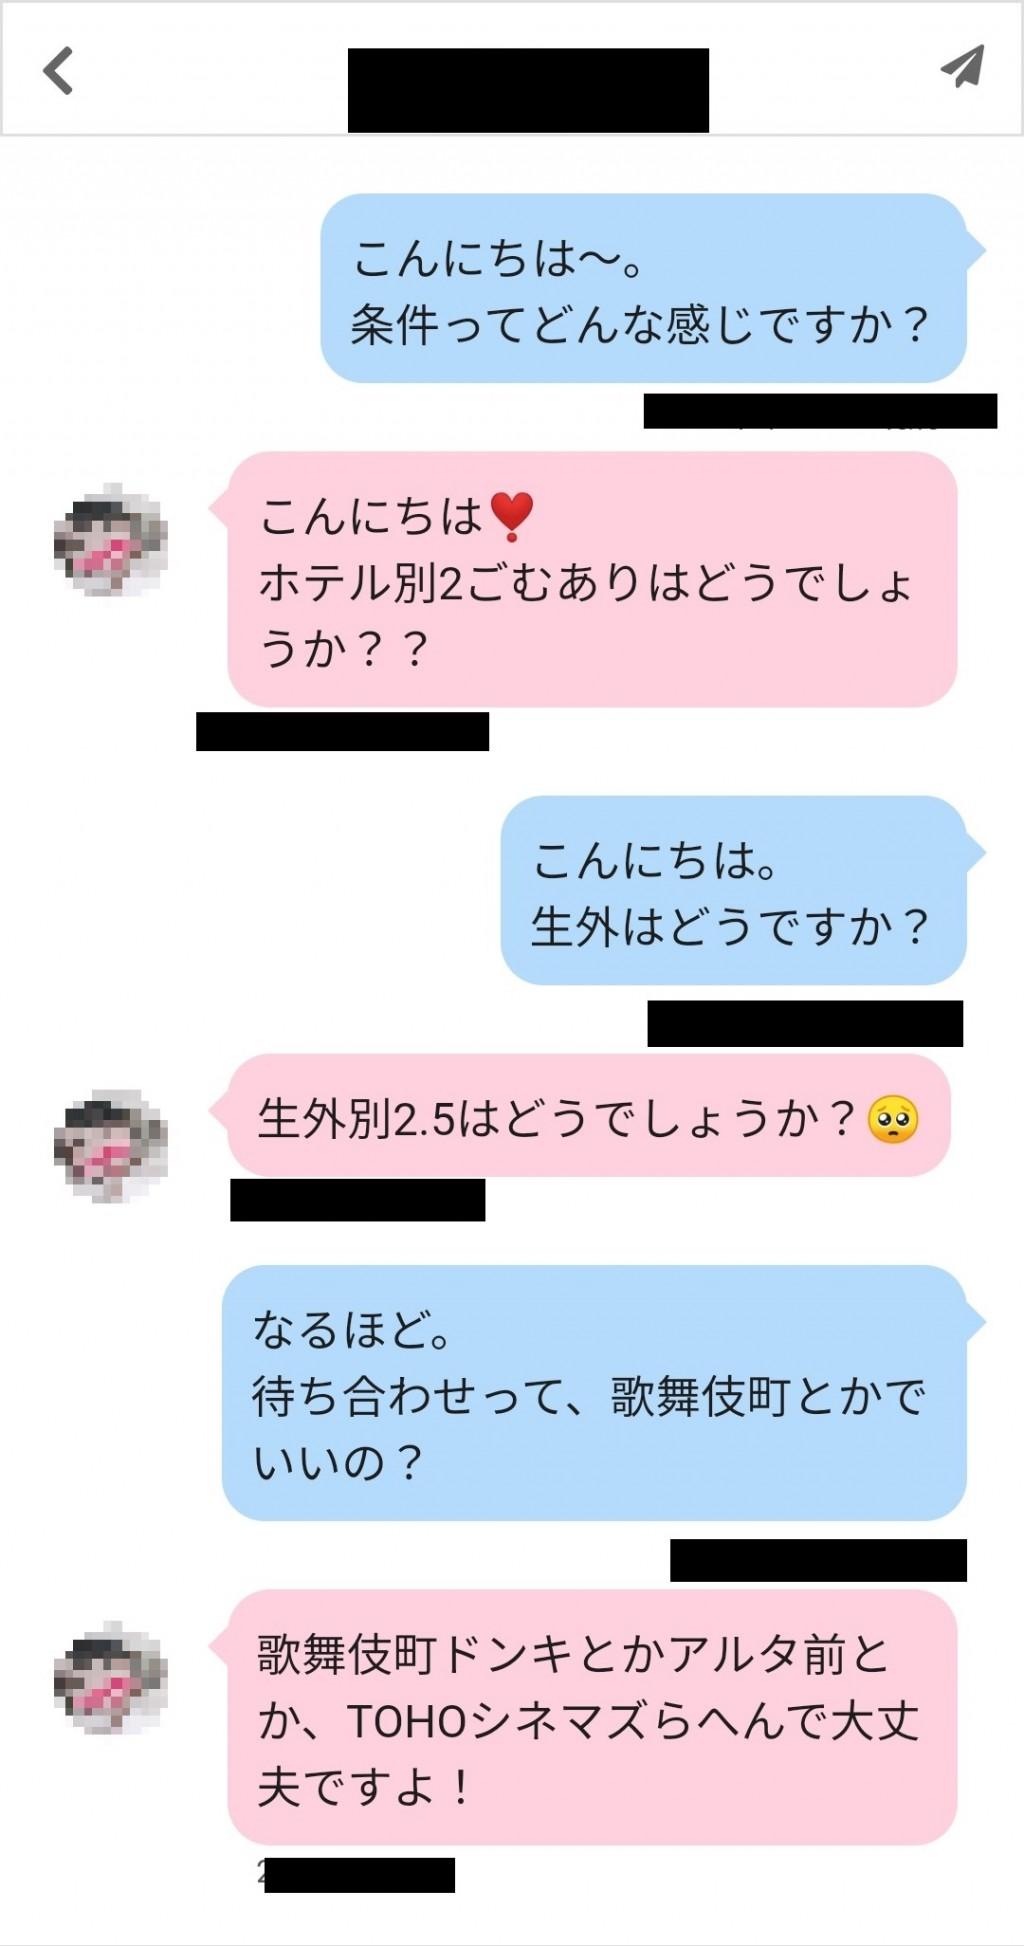 新宿で出会い系サイトを介して女の子とやり取り